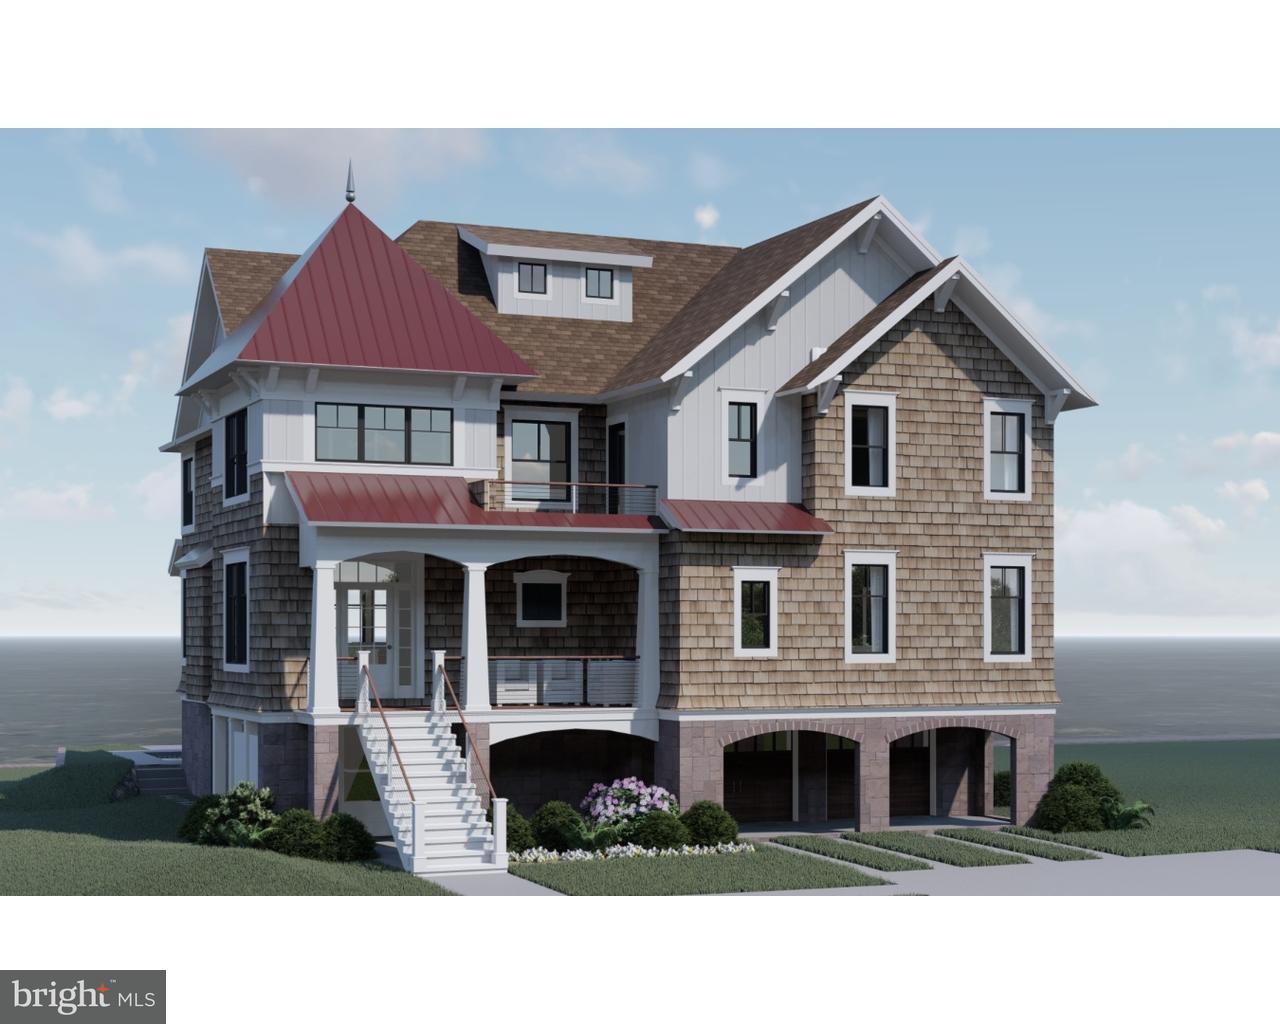 Частный односемейный дом для того Продажа на 39 LAGOON Road Ocean City, Нью-Джерси 08226 Соединенные Штаты